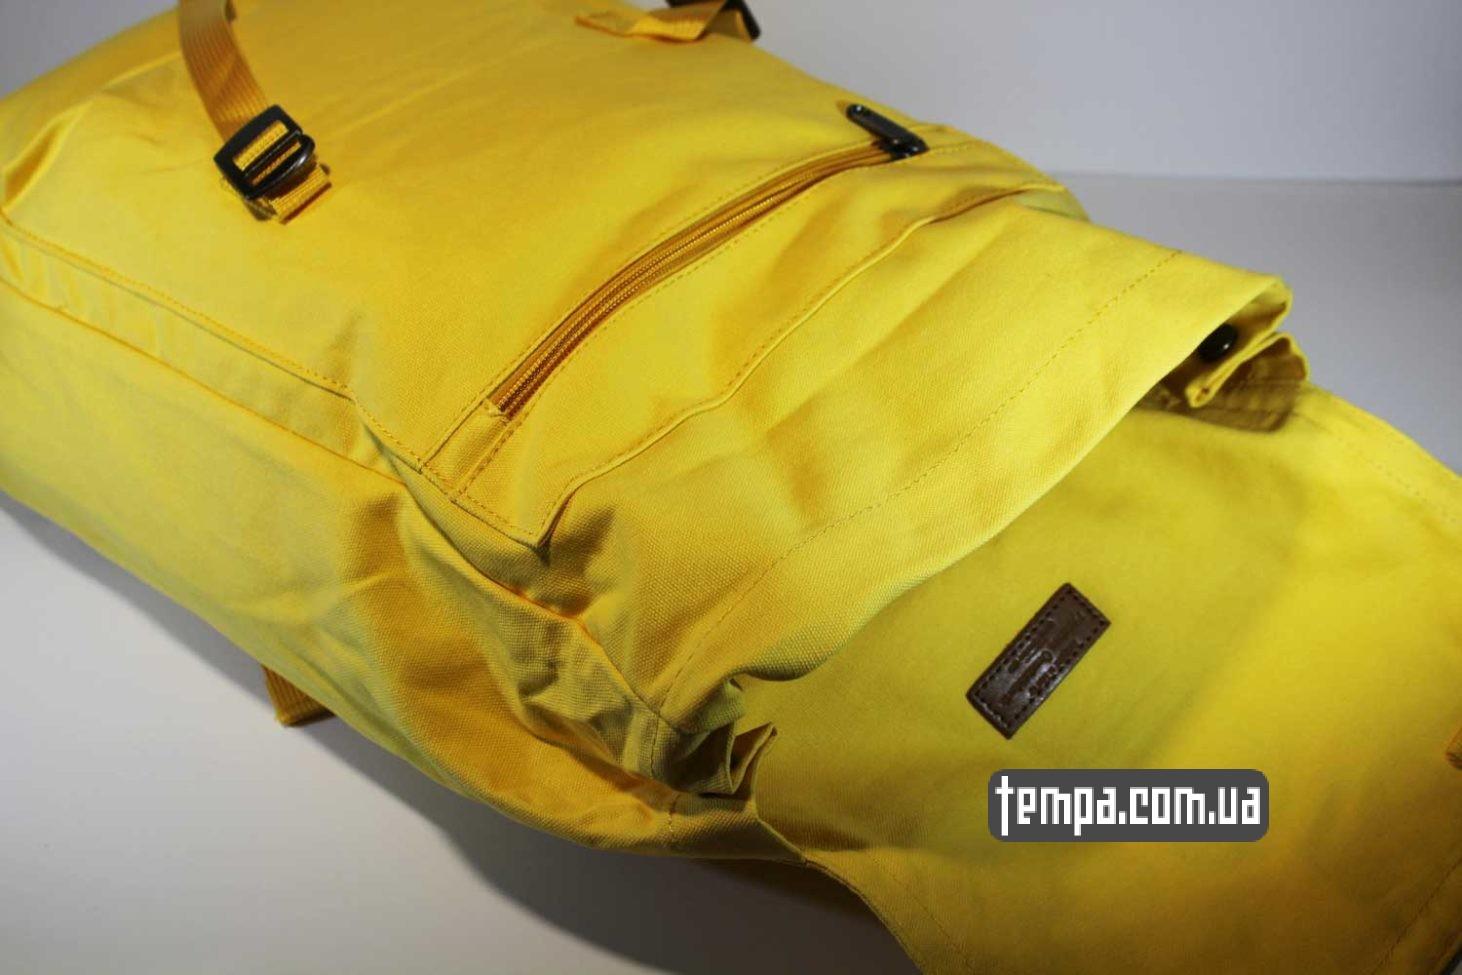 функциаольный для туризма рюкзак сумка G-1000 FOLDSACK NO.1 fjallraven kanken желтый